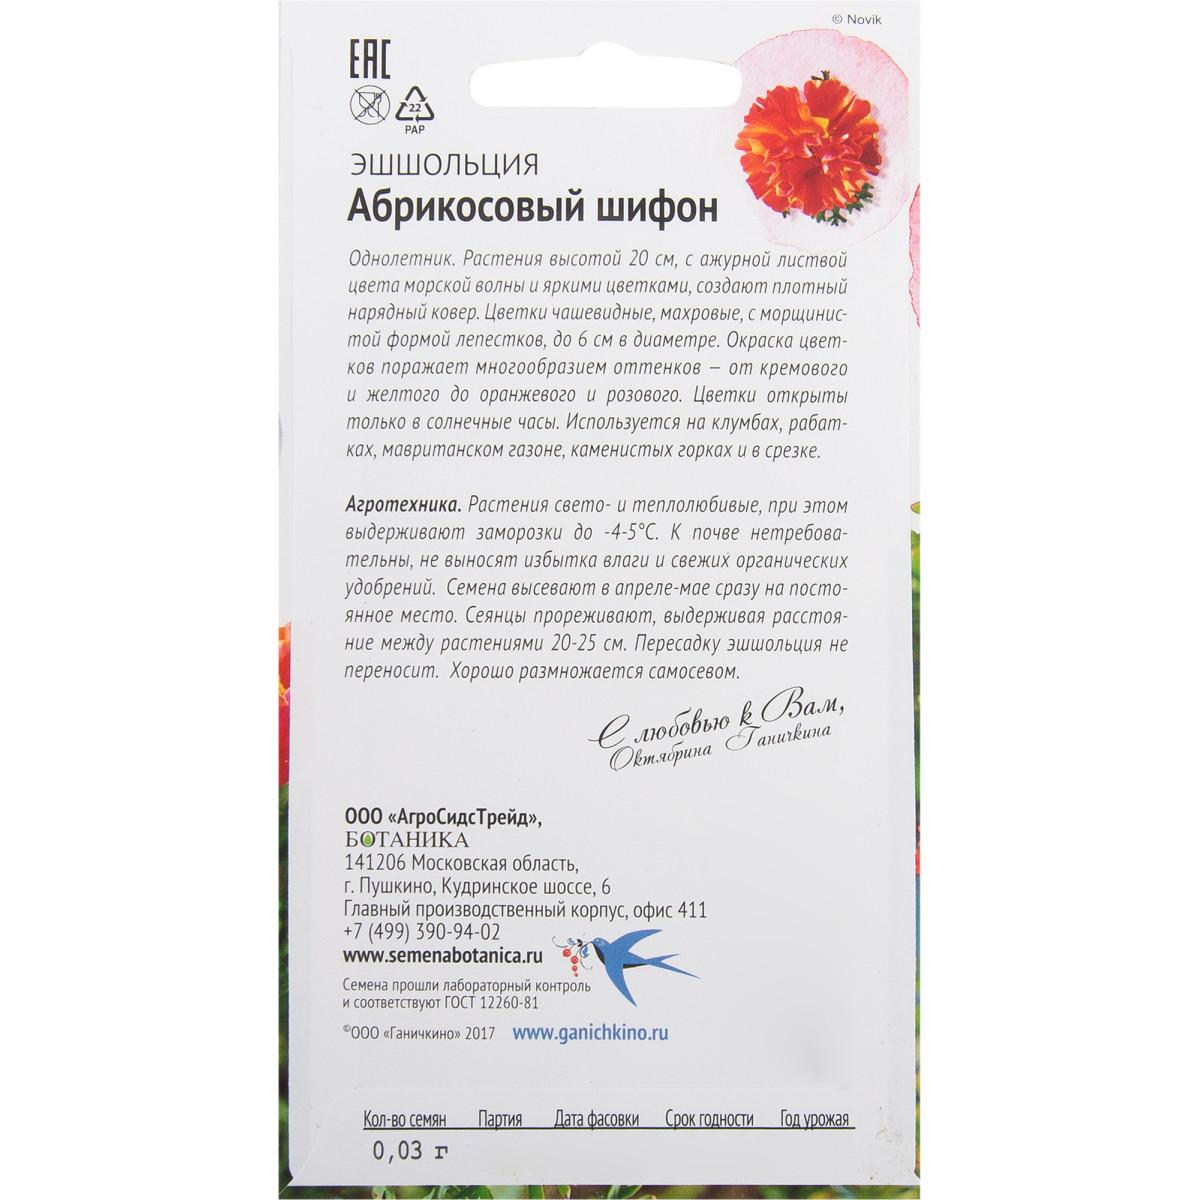 Эшшольция «Абрикосовый Шифон» 003 Г